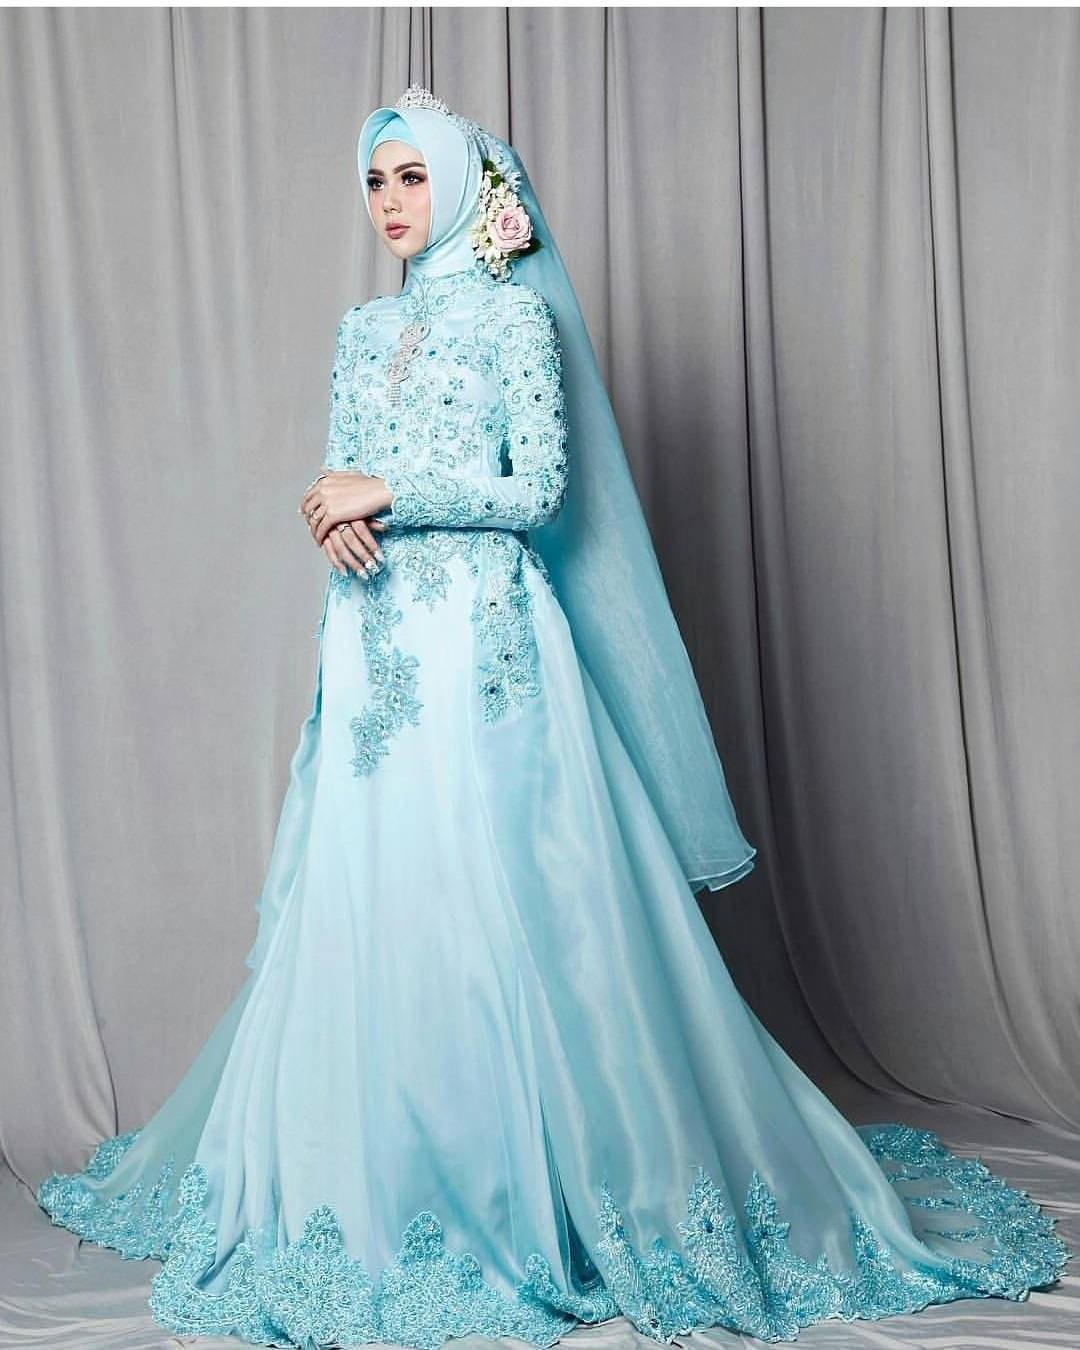 Ide Dress Pernikahan Muslimah 9fdy 17 Model Baju Pengantin Muslim 2018 Desain Elegan Cantik